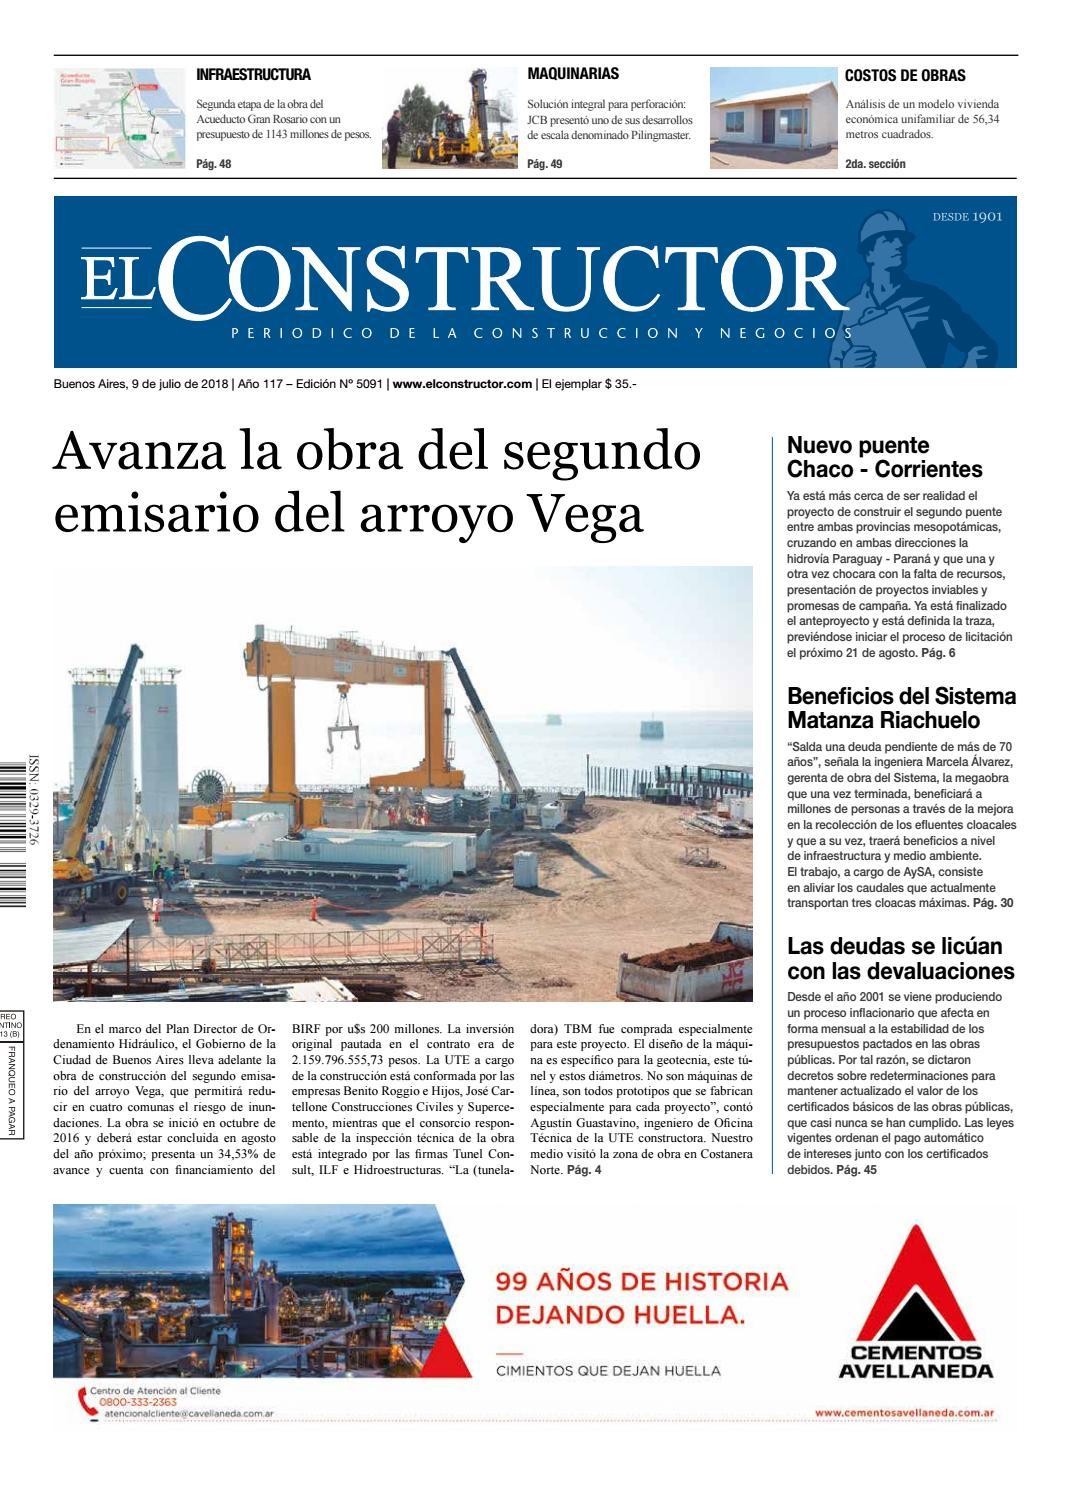 El Constructor 9/7/2018 - N° 5091 Año 117 by ELCO Editores - issuu